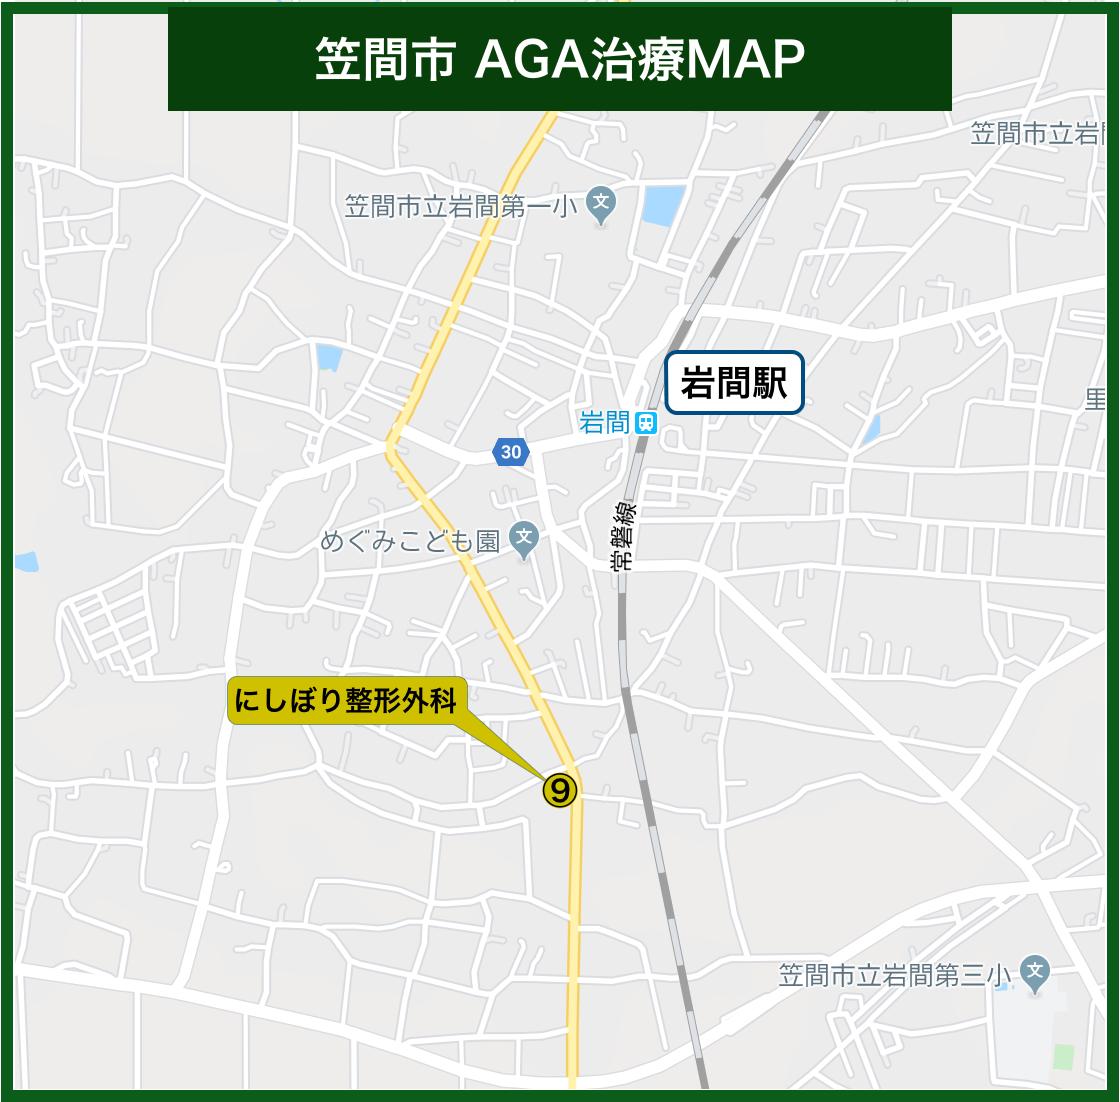 笠間市 AGA治療MAP